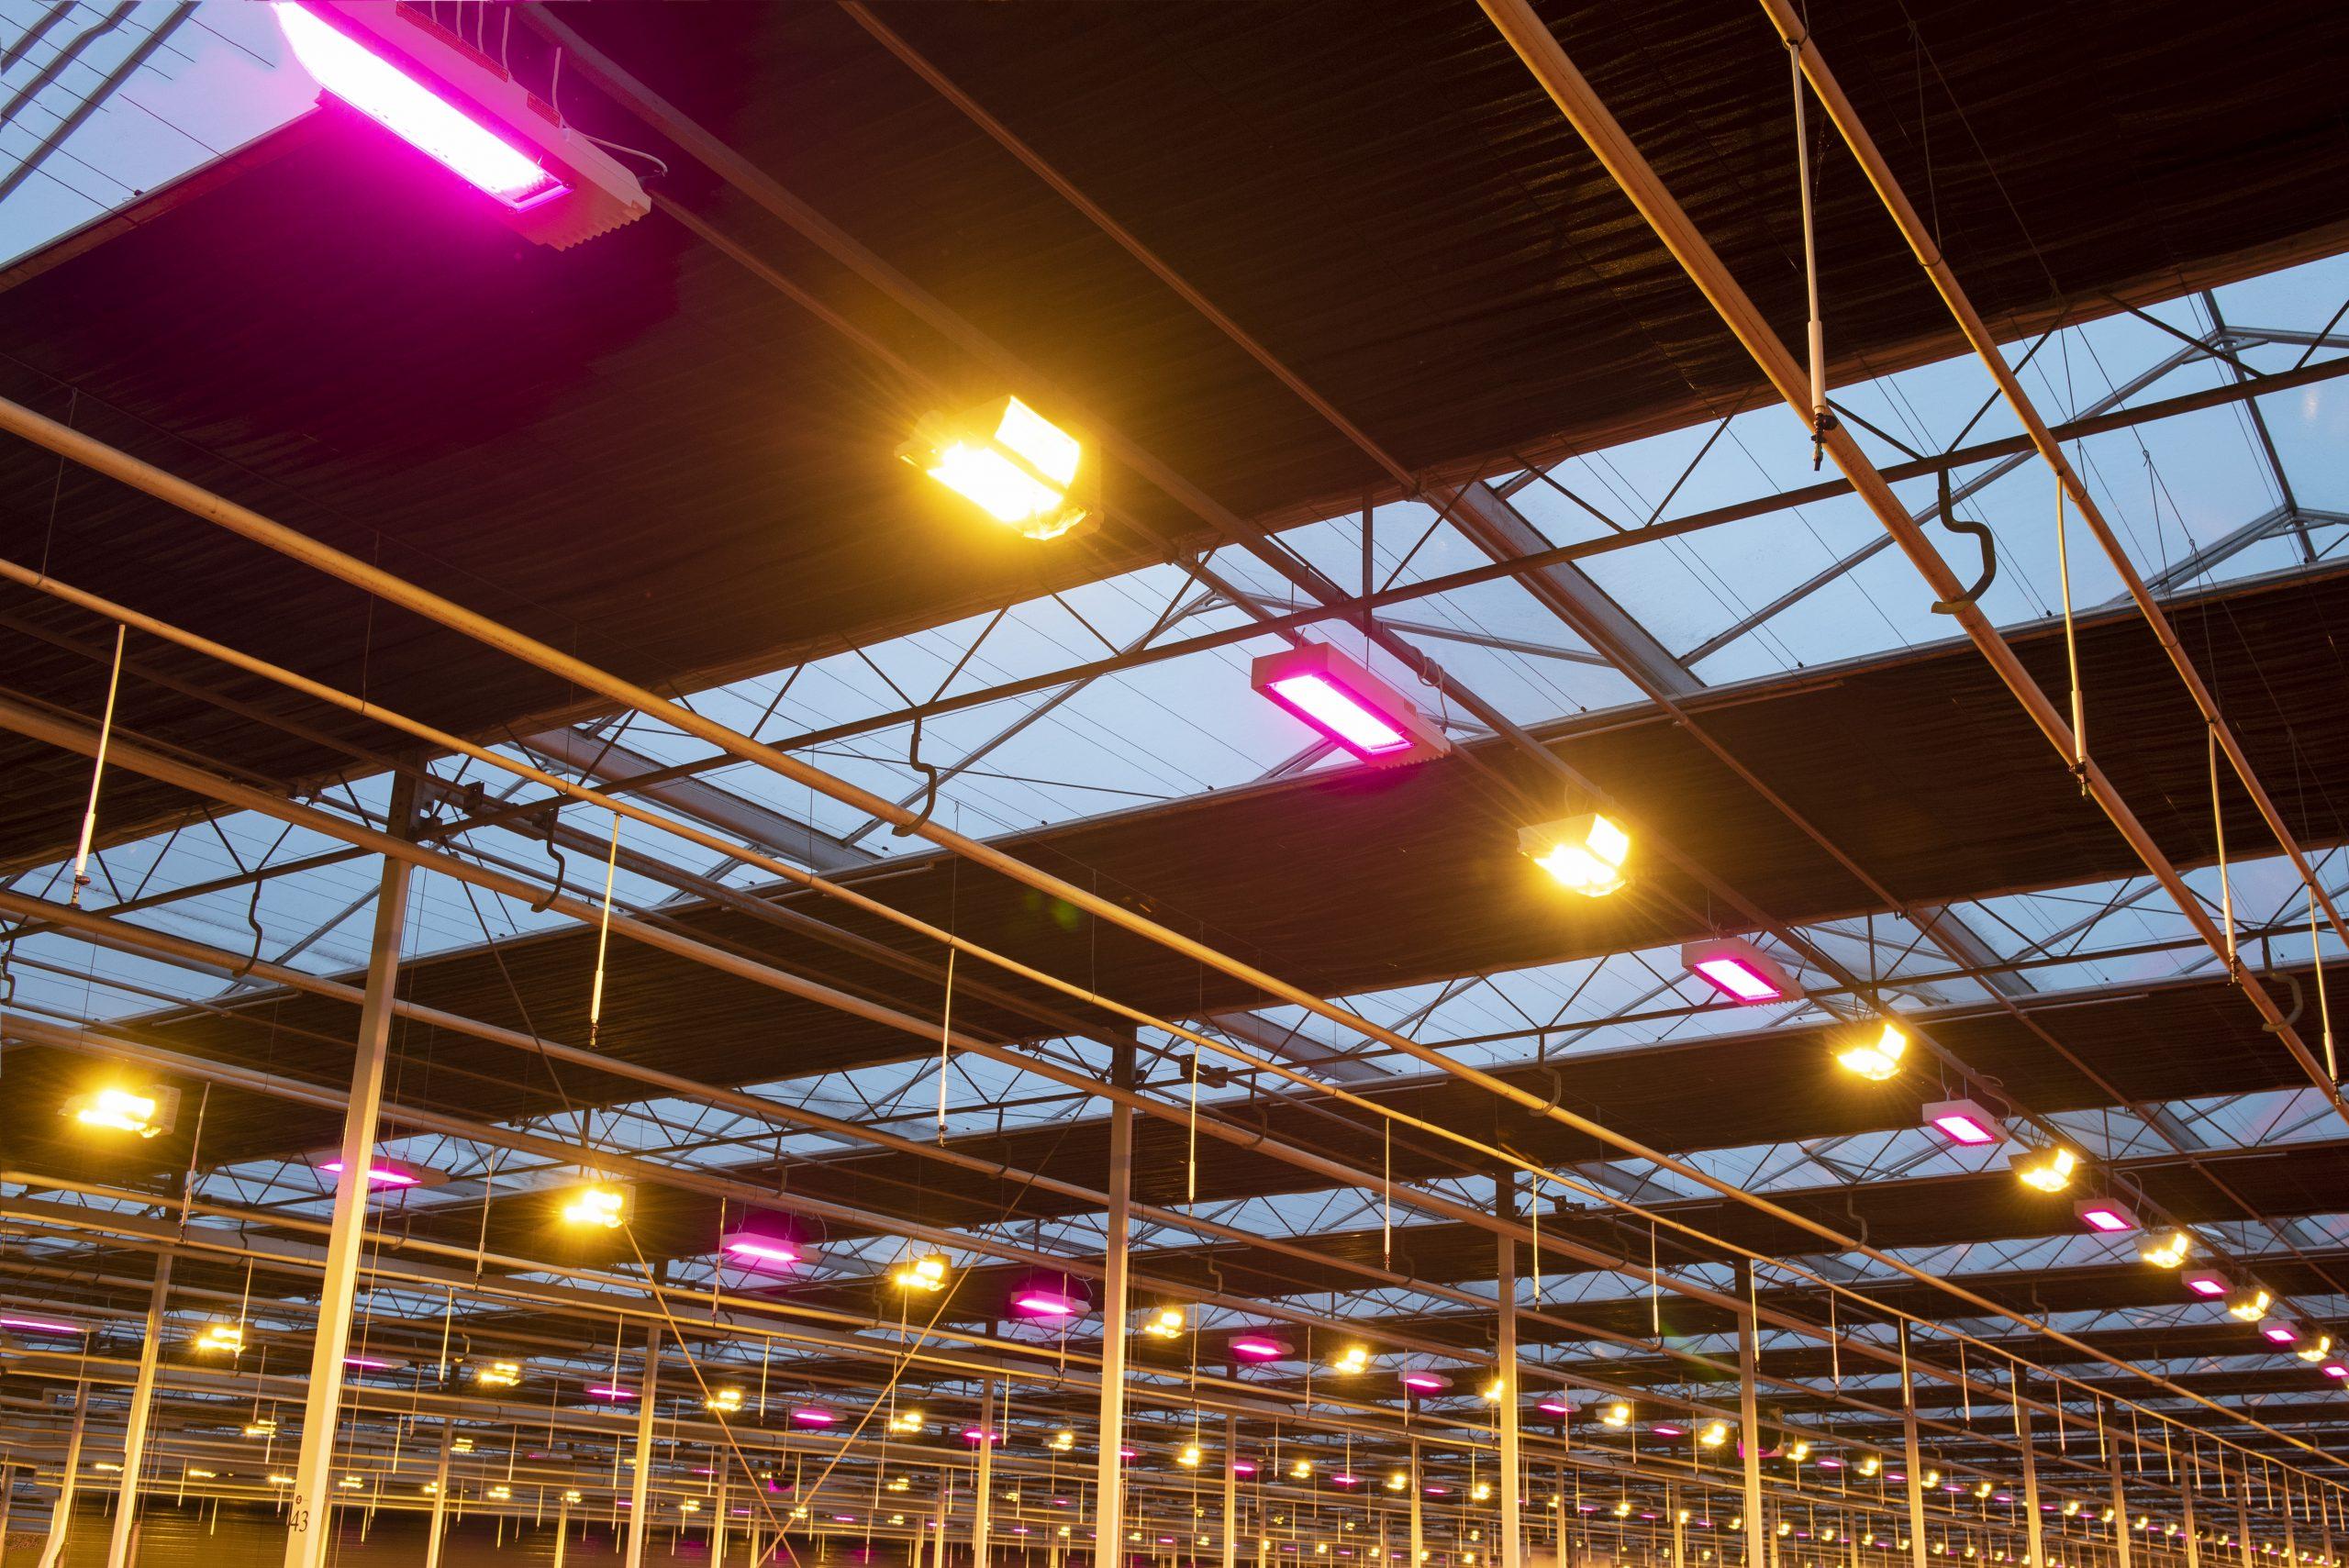 Verheldering op LED subsidie in de glastuinbouw